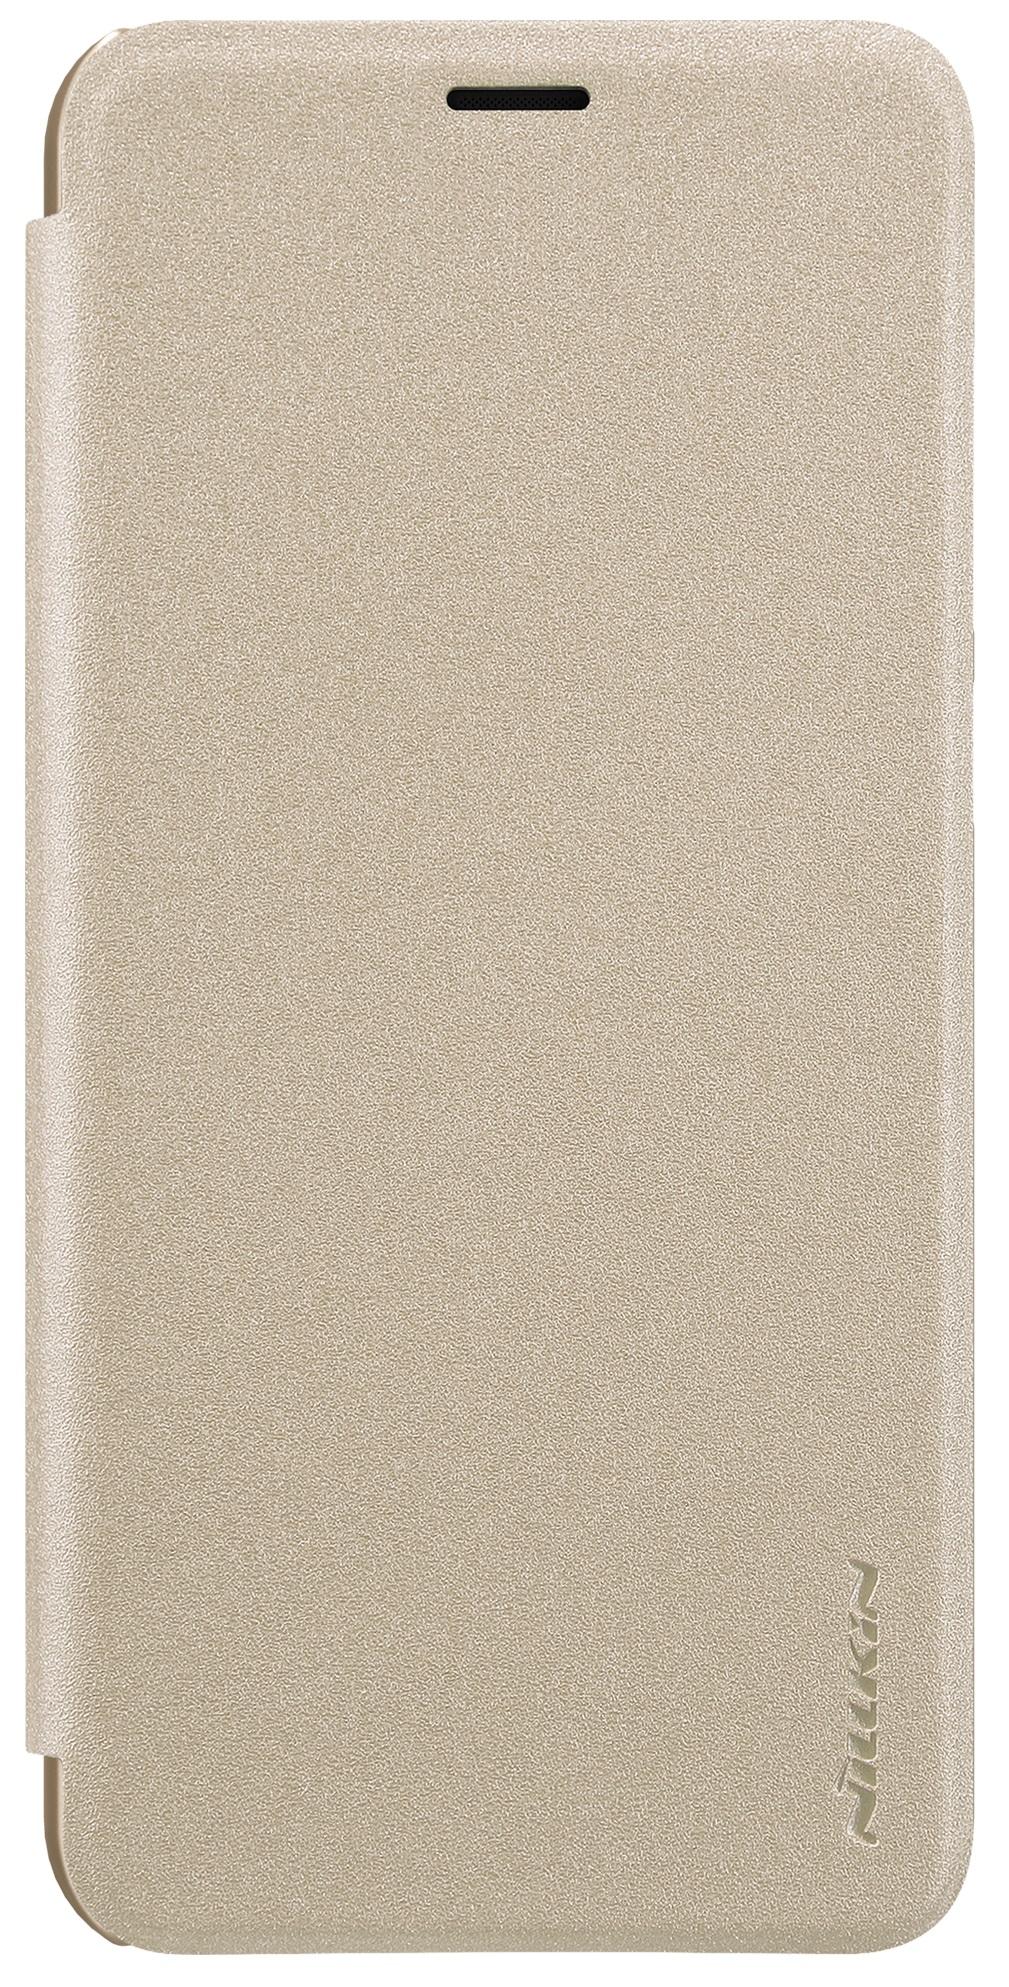 Чехол для сотового телефона Nillkin T-N-HHV10-009, золотой чехол nillkin sparkle leather case для apple iphone 6 plus цвет белый t n aiphone6p 009